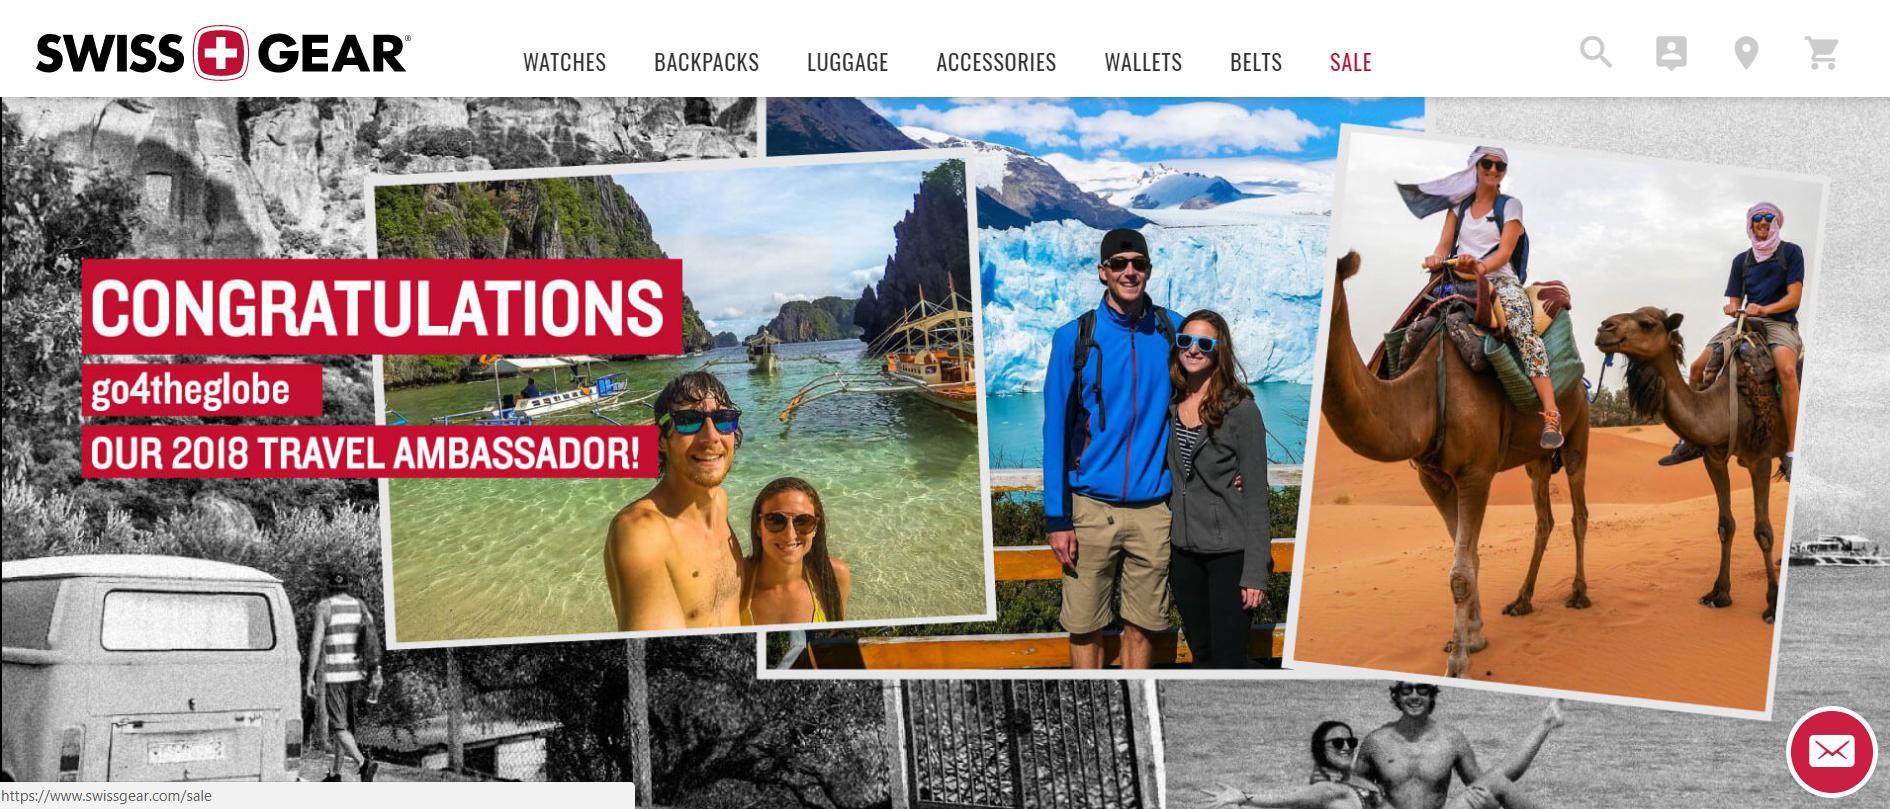 Swissgear 2018 Travel Ambassador web banner